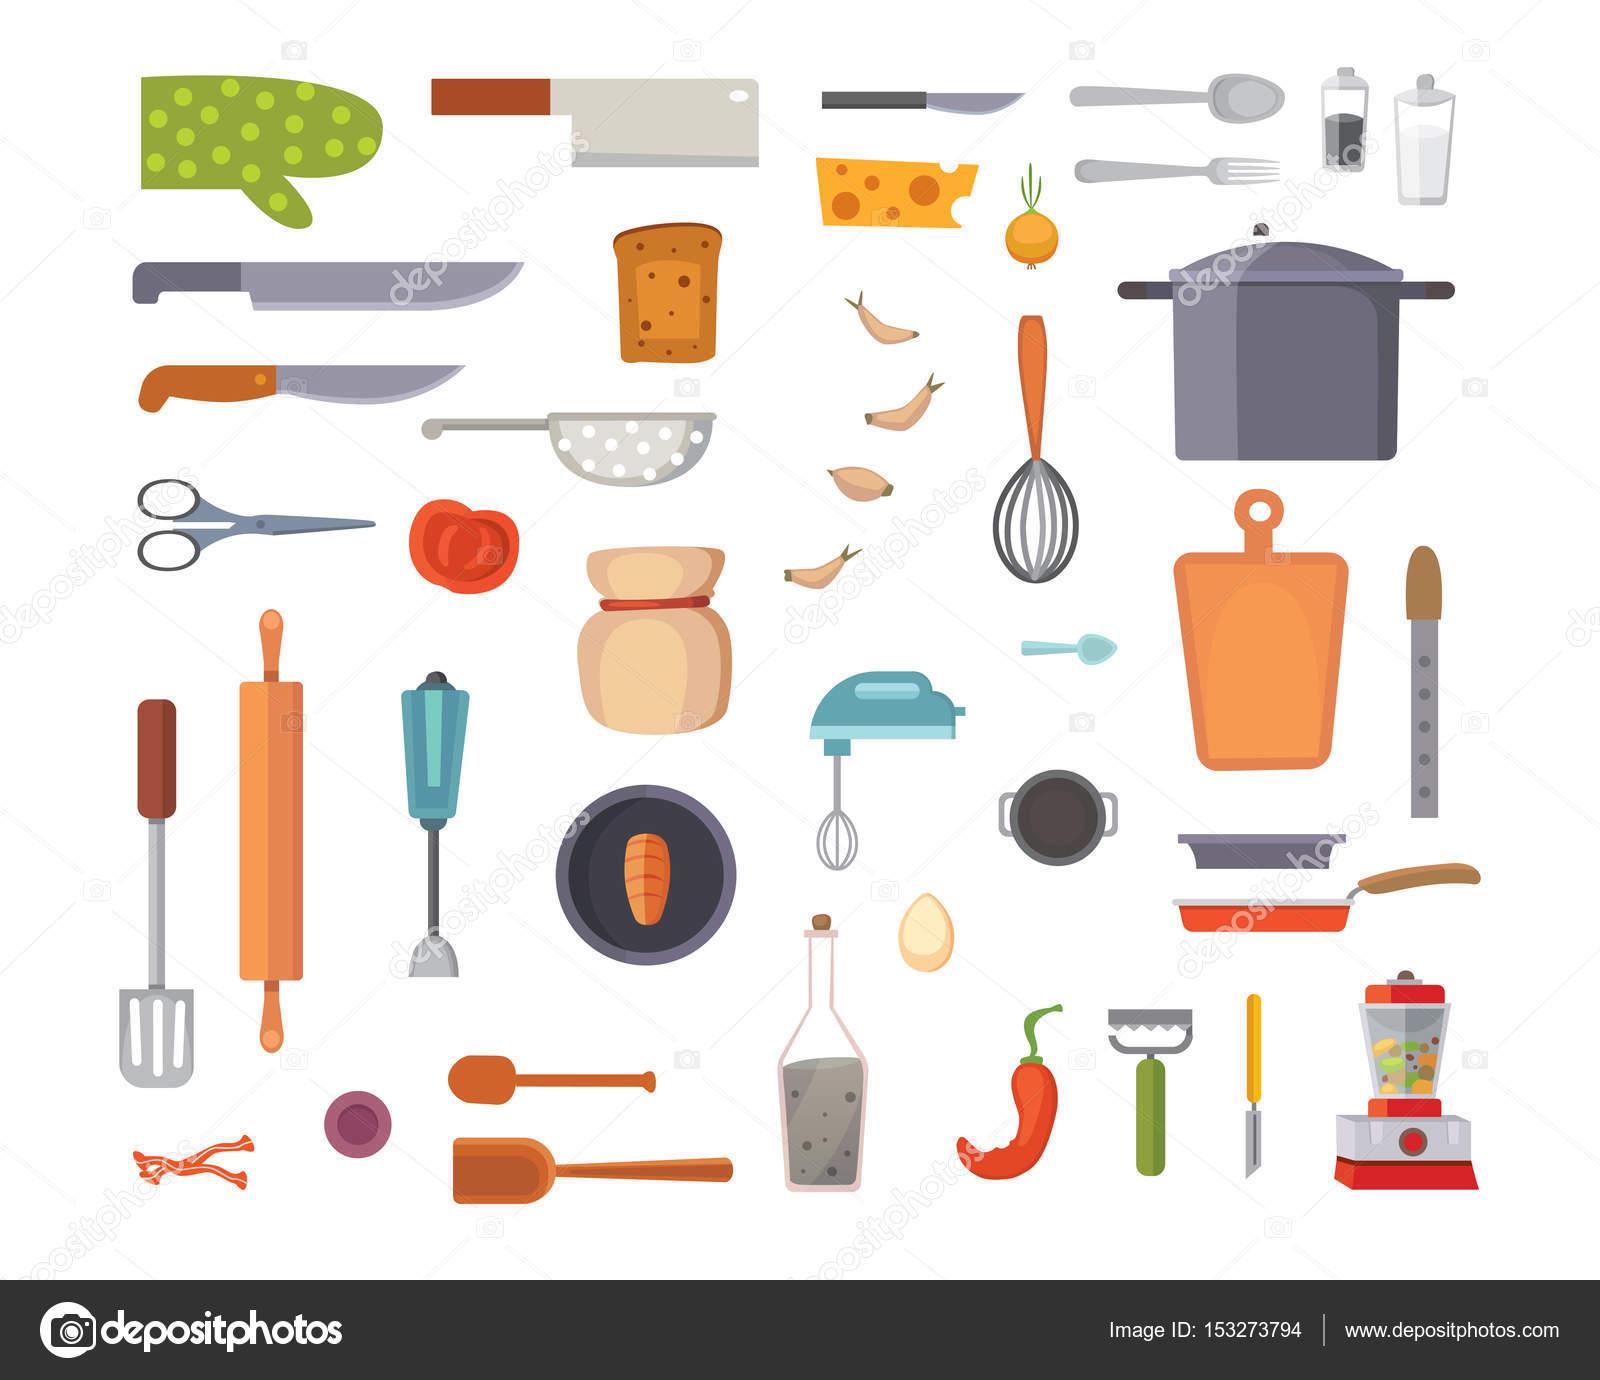 Utensili da cucina set di vettore strumenti di cottura for Objetos de cocina